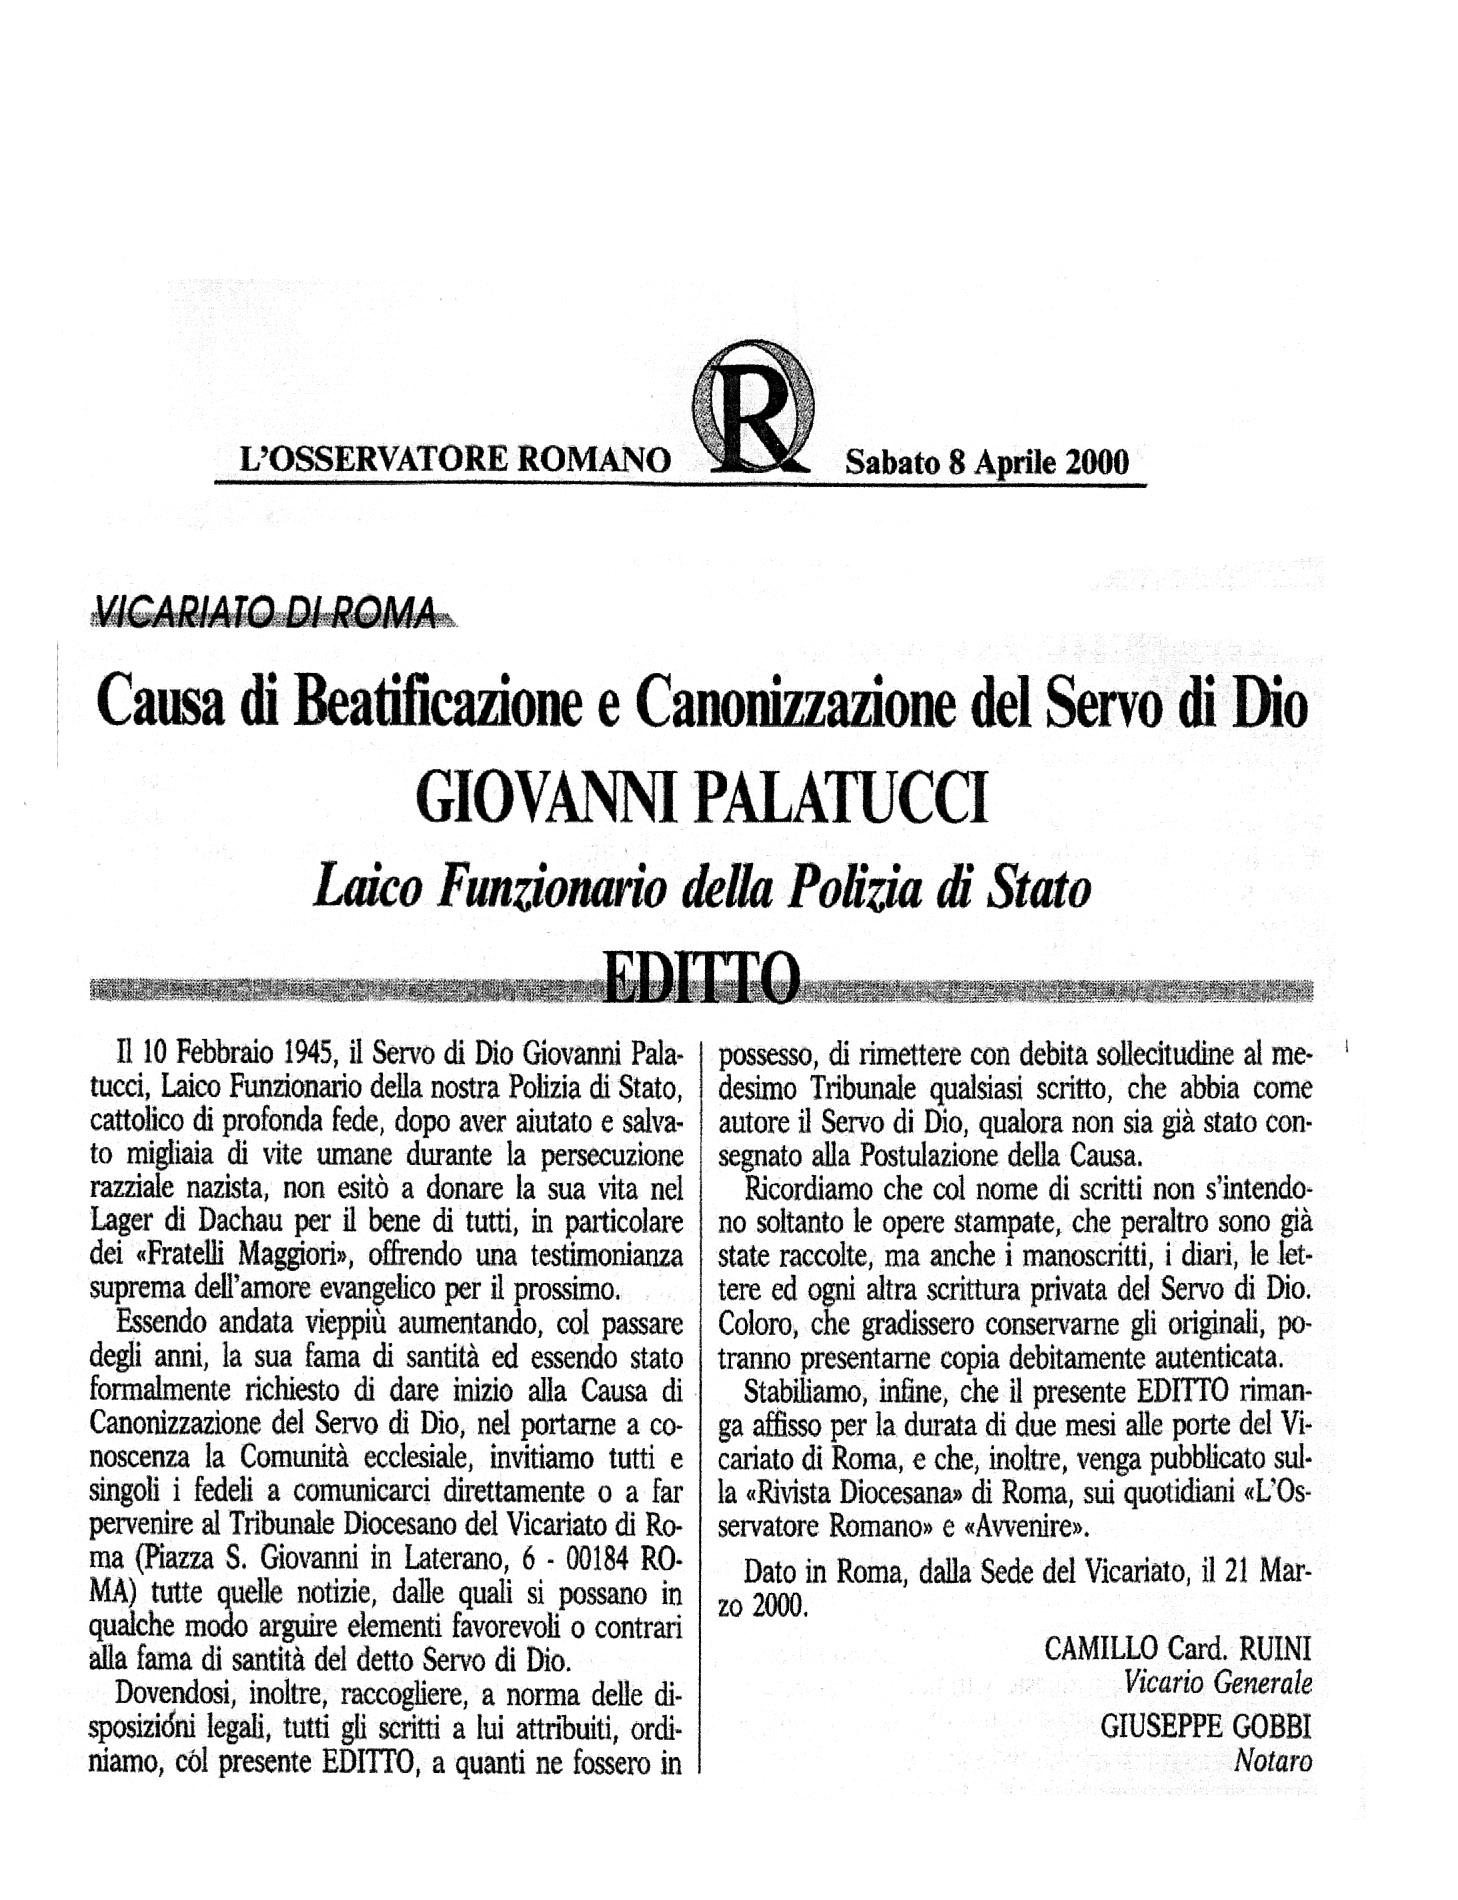 Editto di beatificazione di Giovanni Palatucci